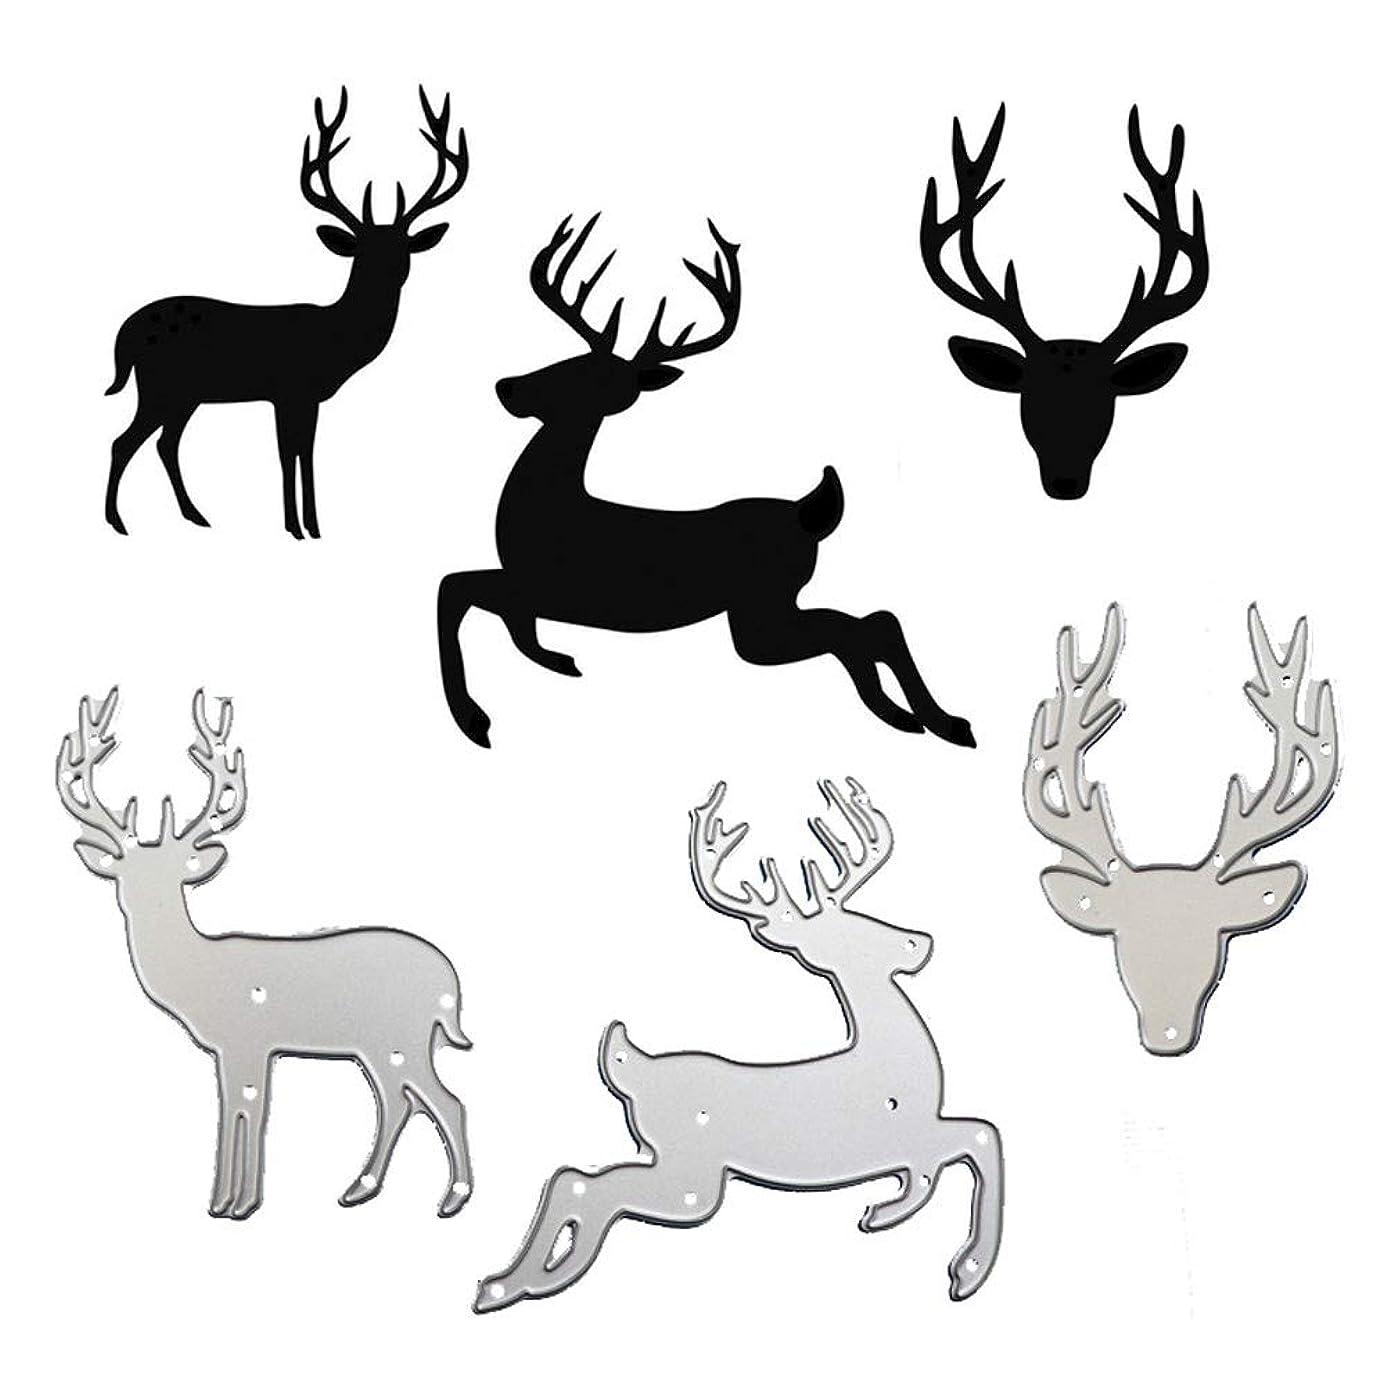 WYSE Metal Cutting Die Christmas Deer Sledding Dies for DIY Scrapbooking Paper Card Template (3pcs Deer Dies)